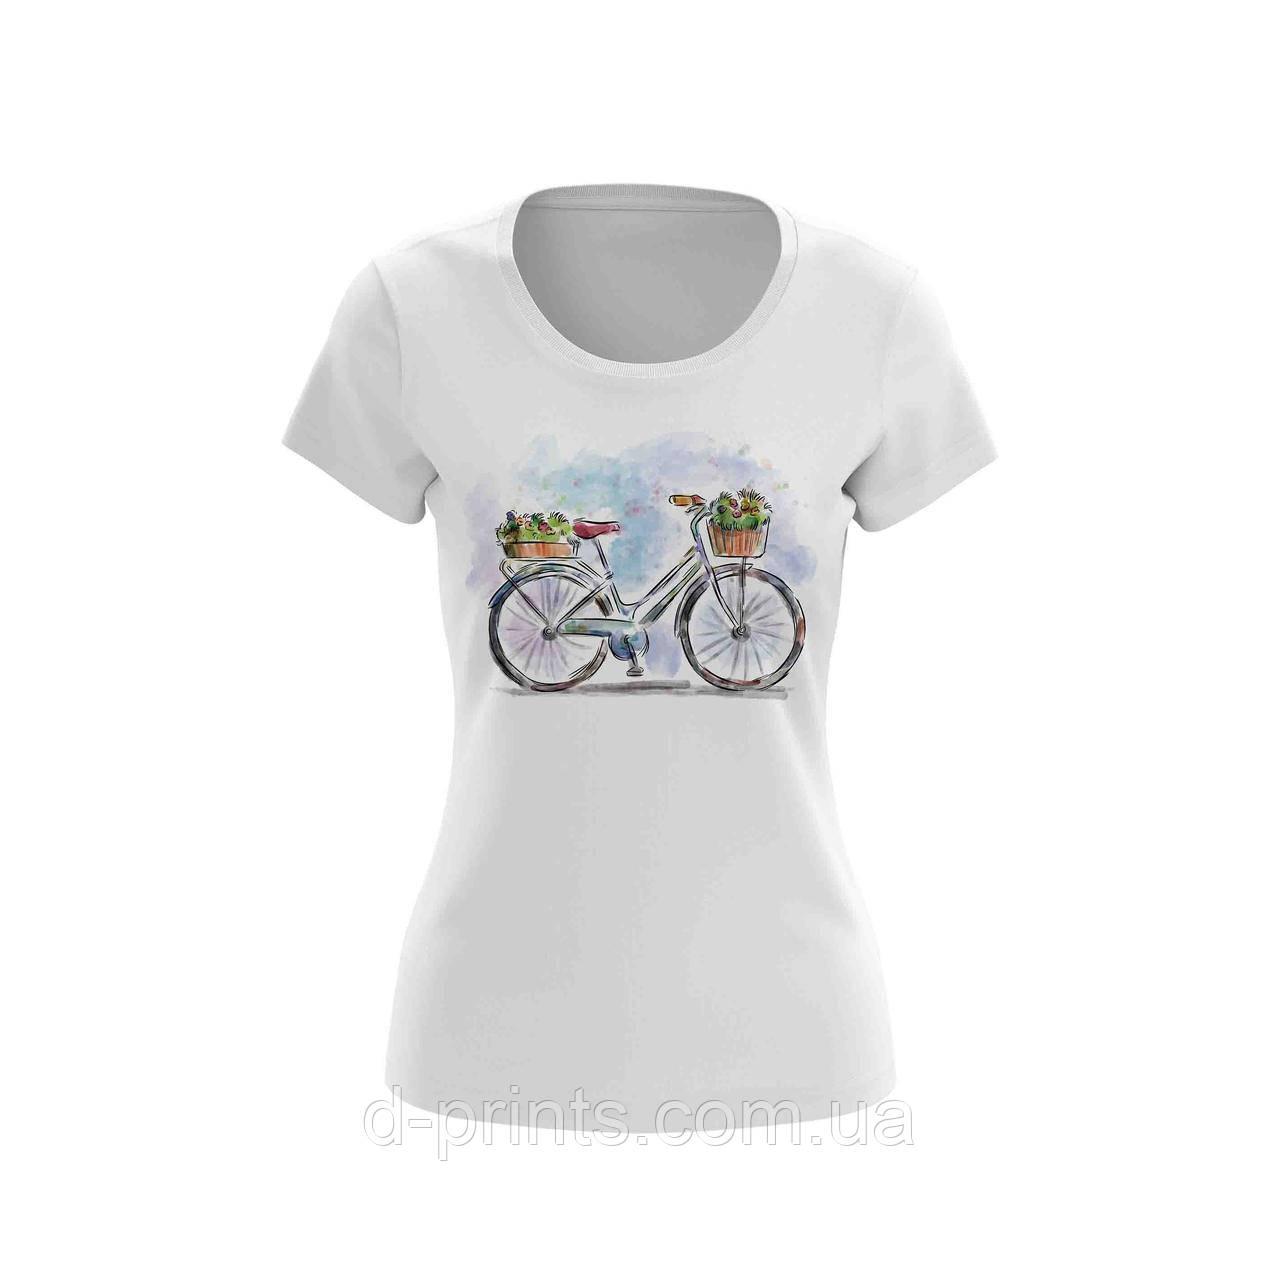 """Футболка жіноча з малюнком """"Велосипед"""""""